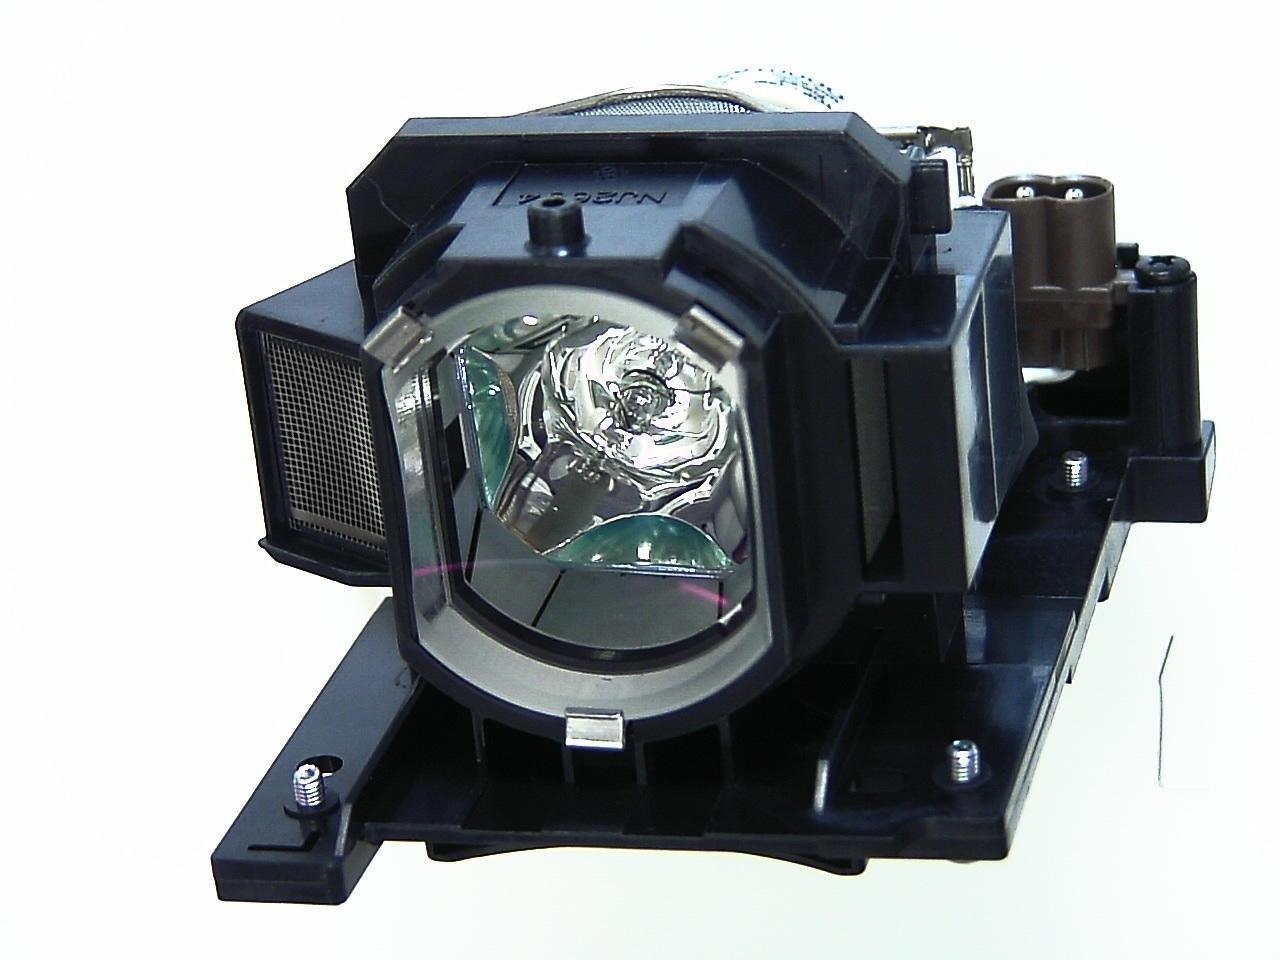 コモズランプ ヒタチ プロジェクター用 ハウジング付き dt01022 B0086FX17U